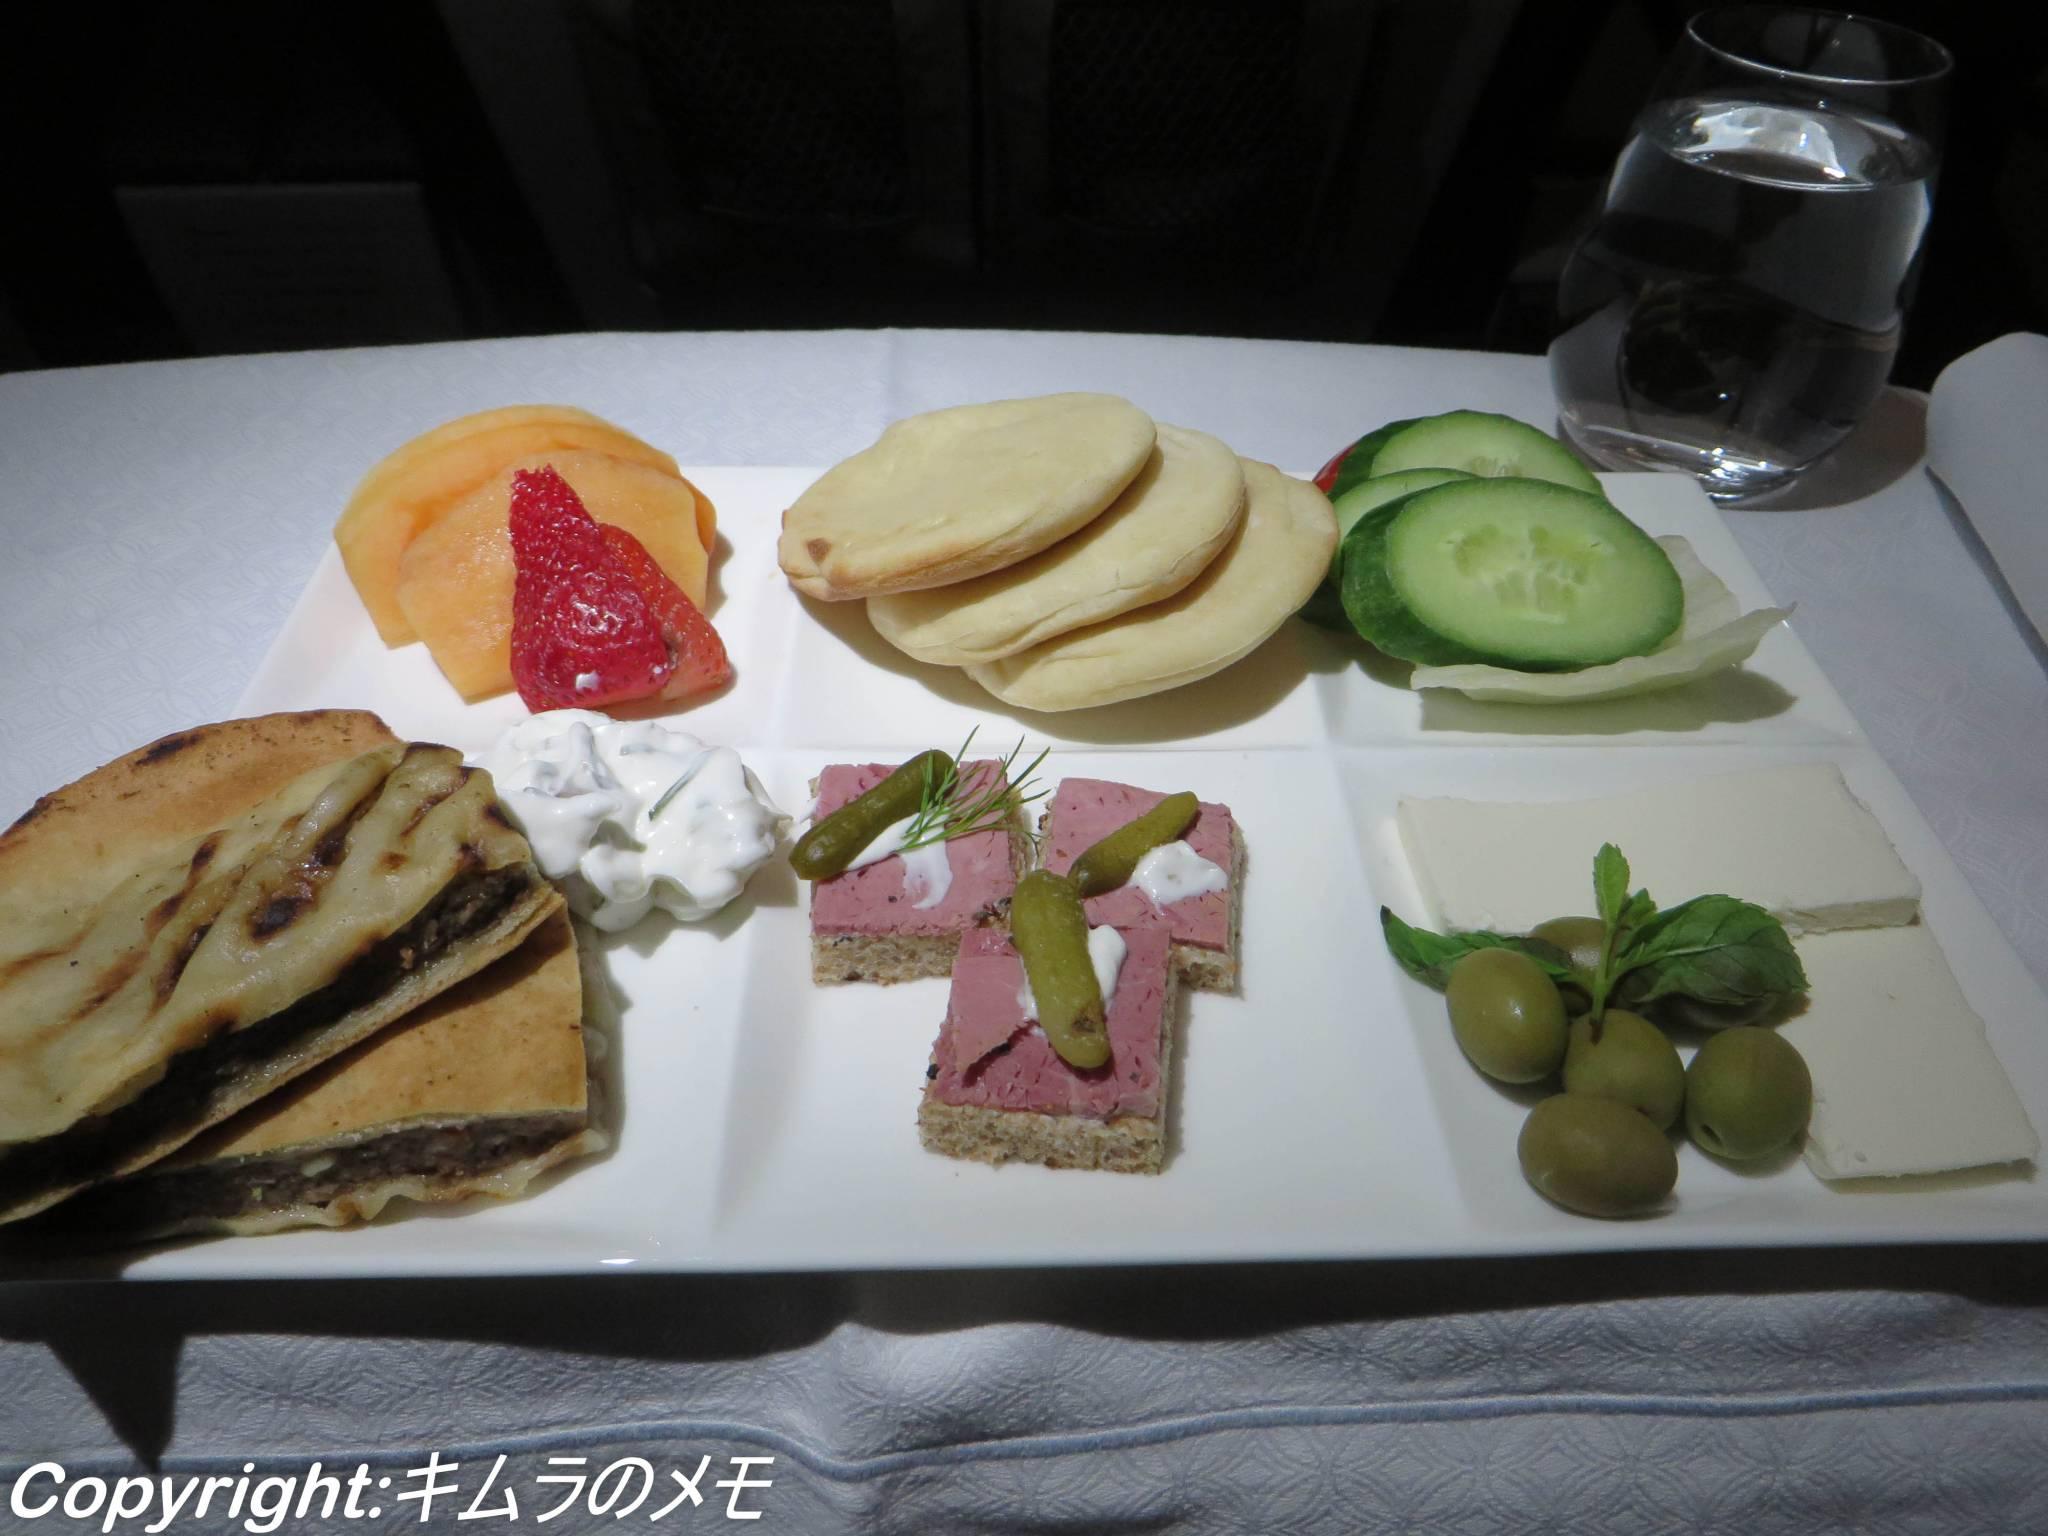 カタール航空、ビジネスクラス、レビュー、搭乗記、エティハド航空、比較、食事、シート